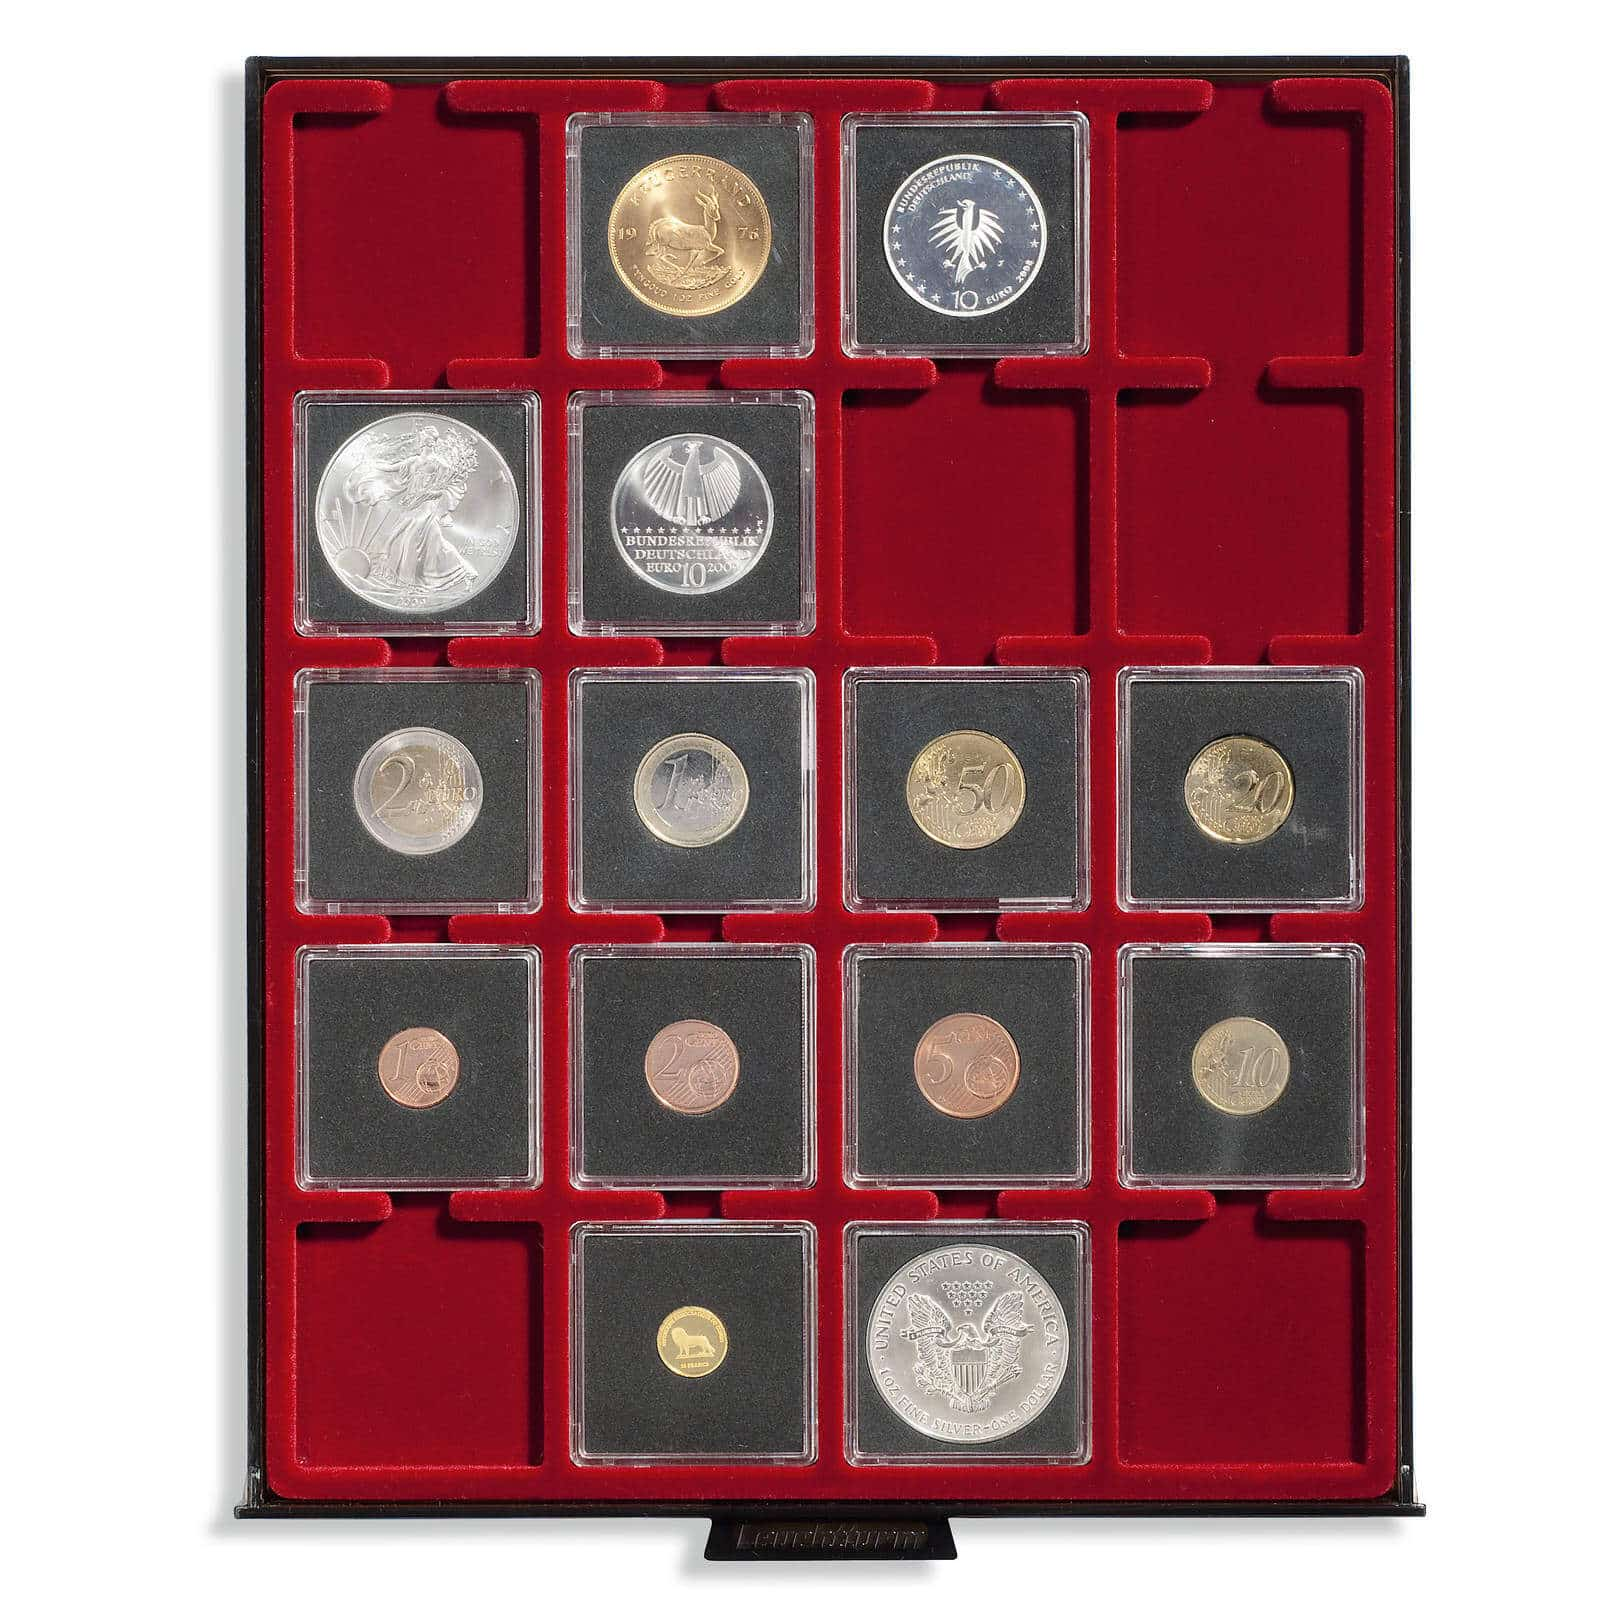 Leuchtturm Quadrum Square Coin Capsules 28mm Lighthouse Capsules Pack of 10